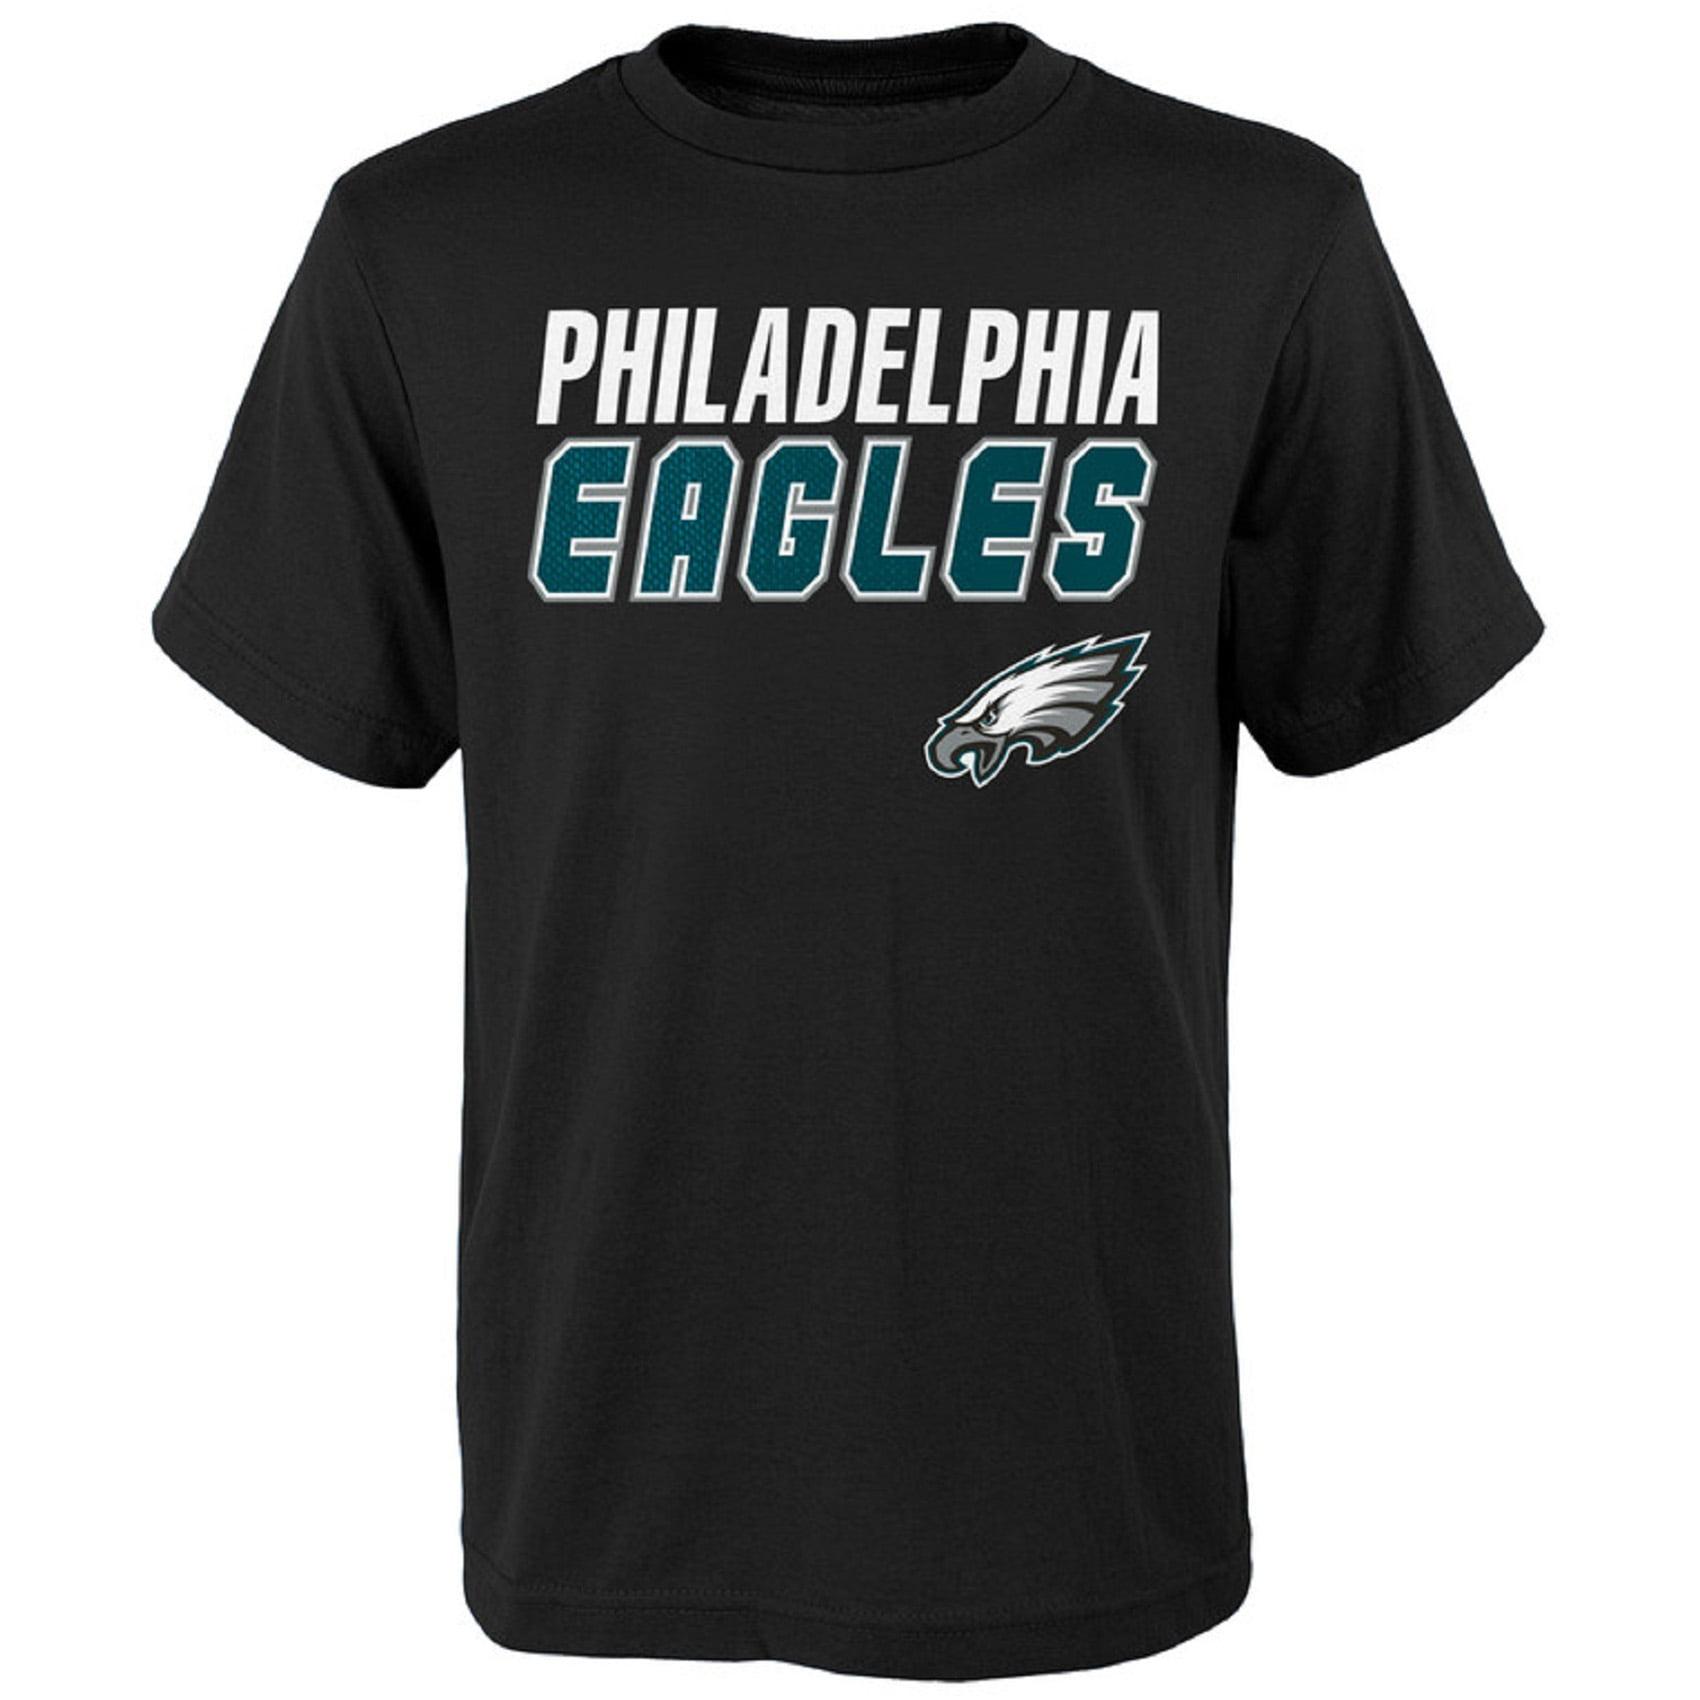 low priced bae2e 1c265 Philadelphia Eagles Team Shop - Walmart.com